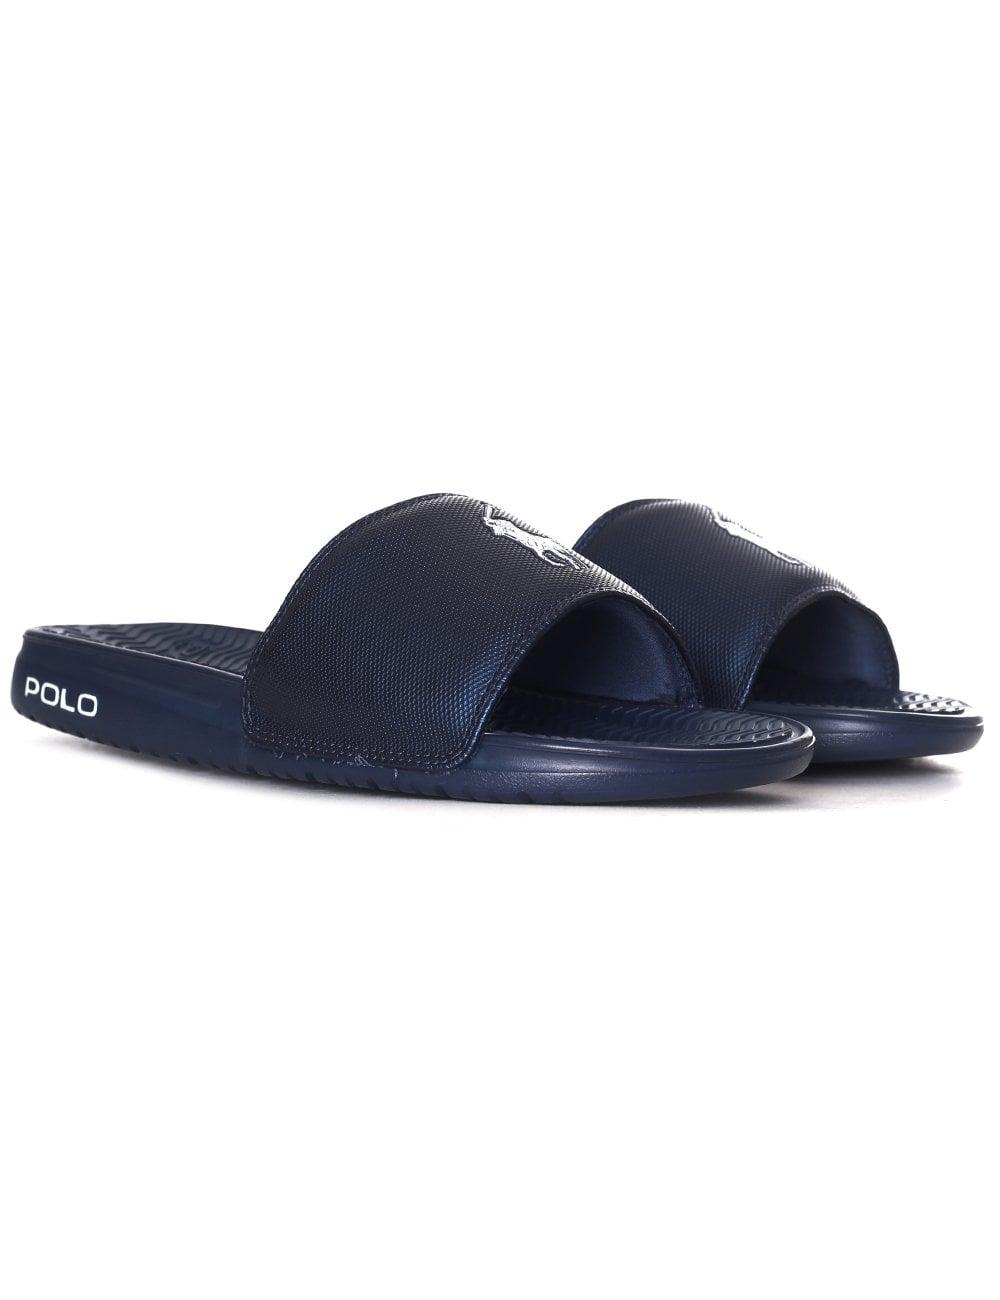 998e72670c0d Polo Ralph Lauren Men s Rodwell Sandals